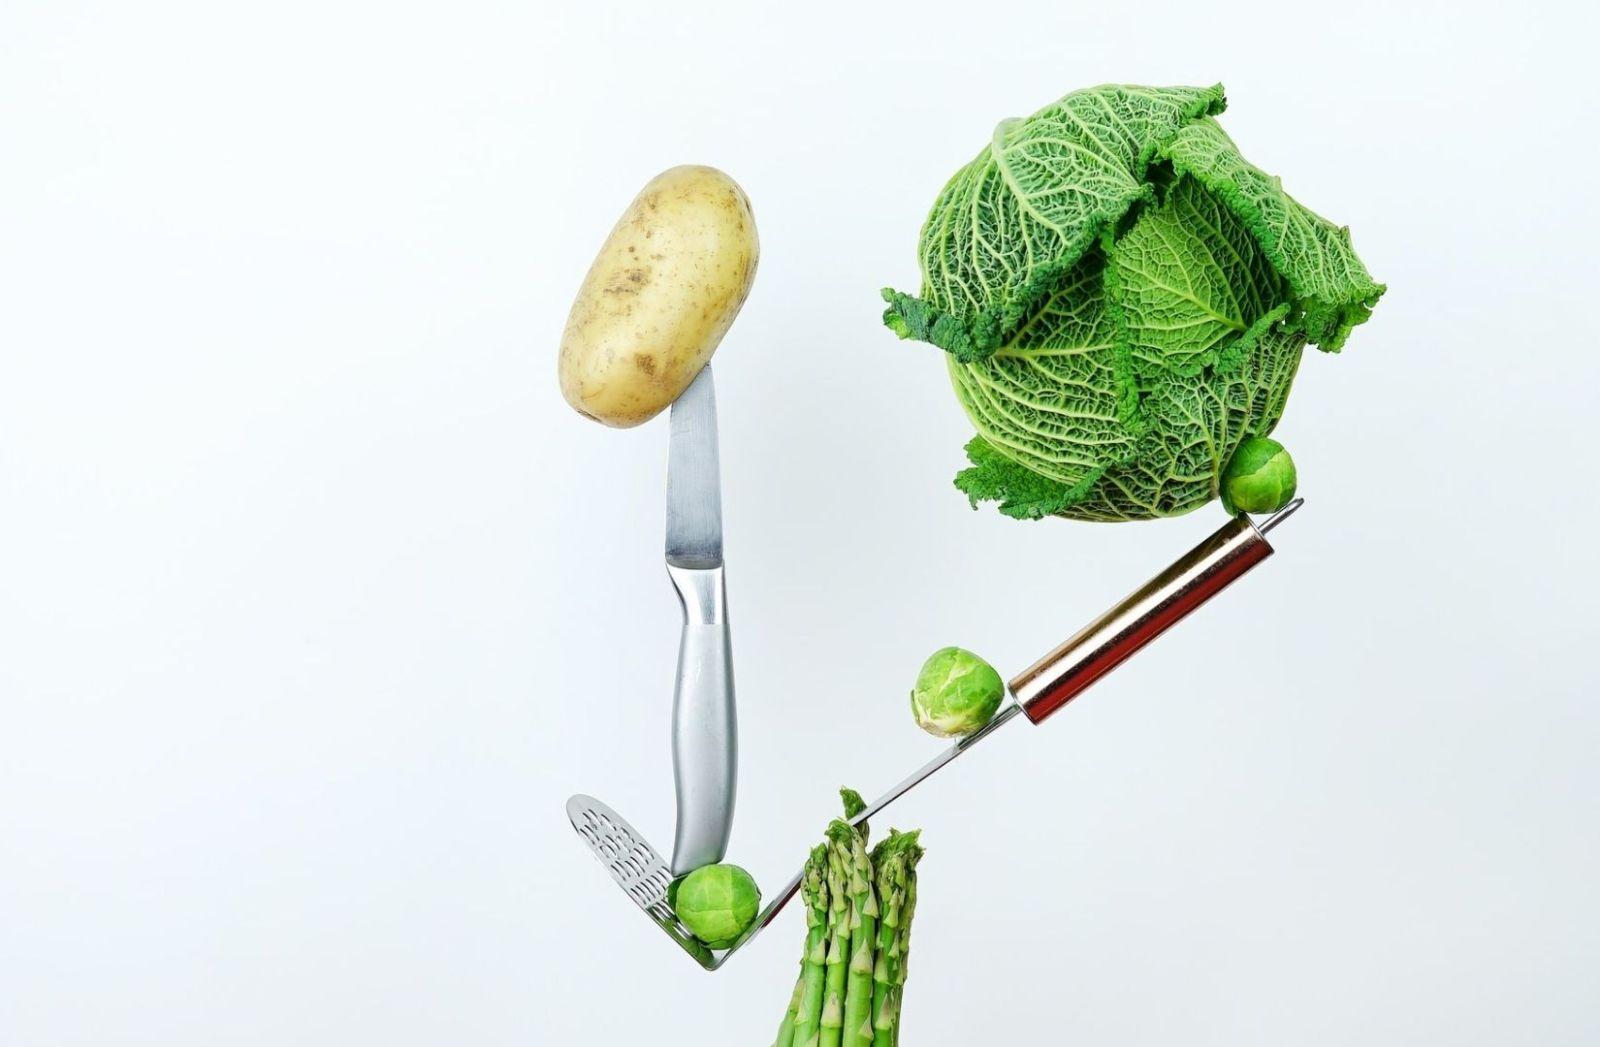 Deutschland als Vorbild? Kunst mit Küchenmesser und Kohlkopf. (Foto: Toa Heftiba, Unsplash.com)